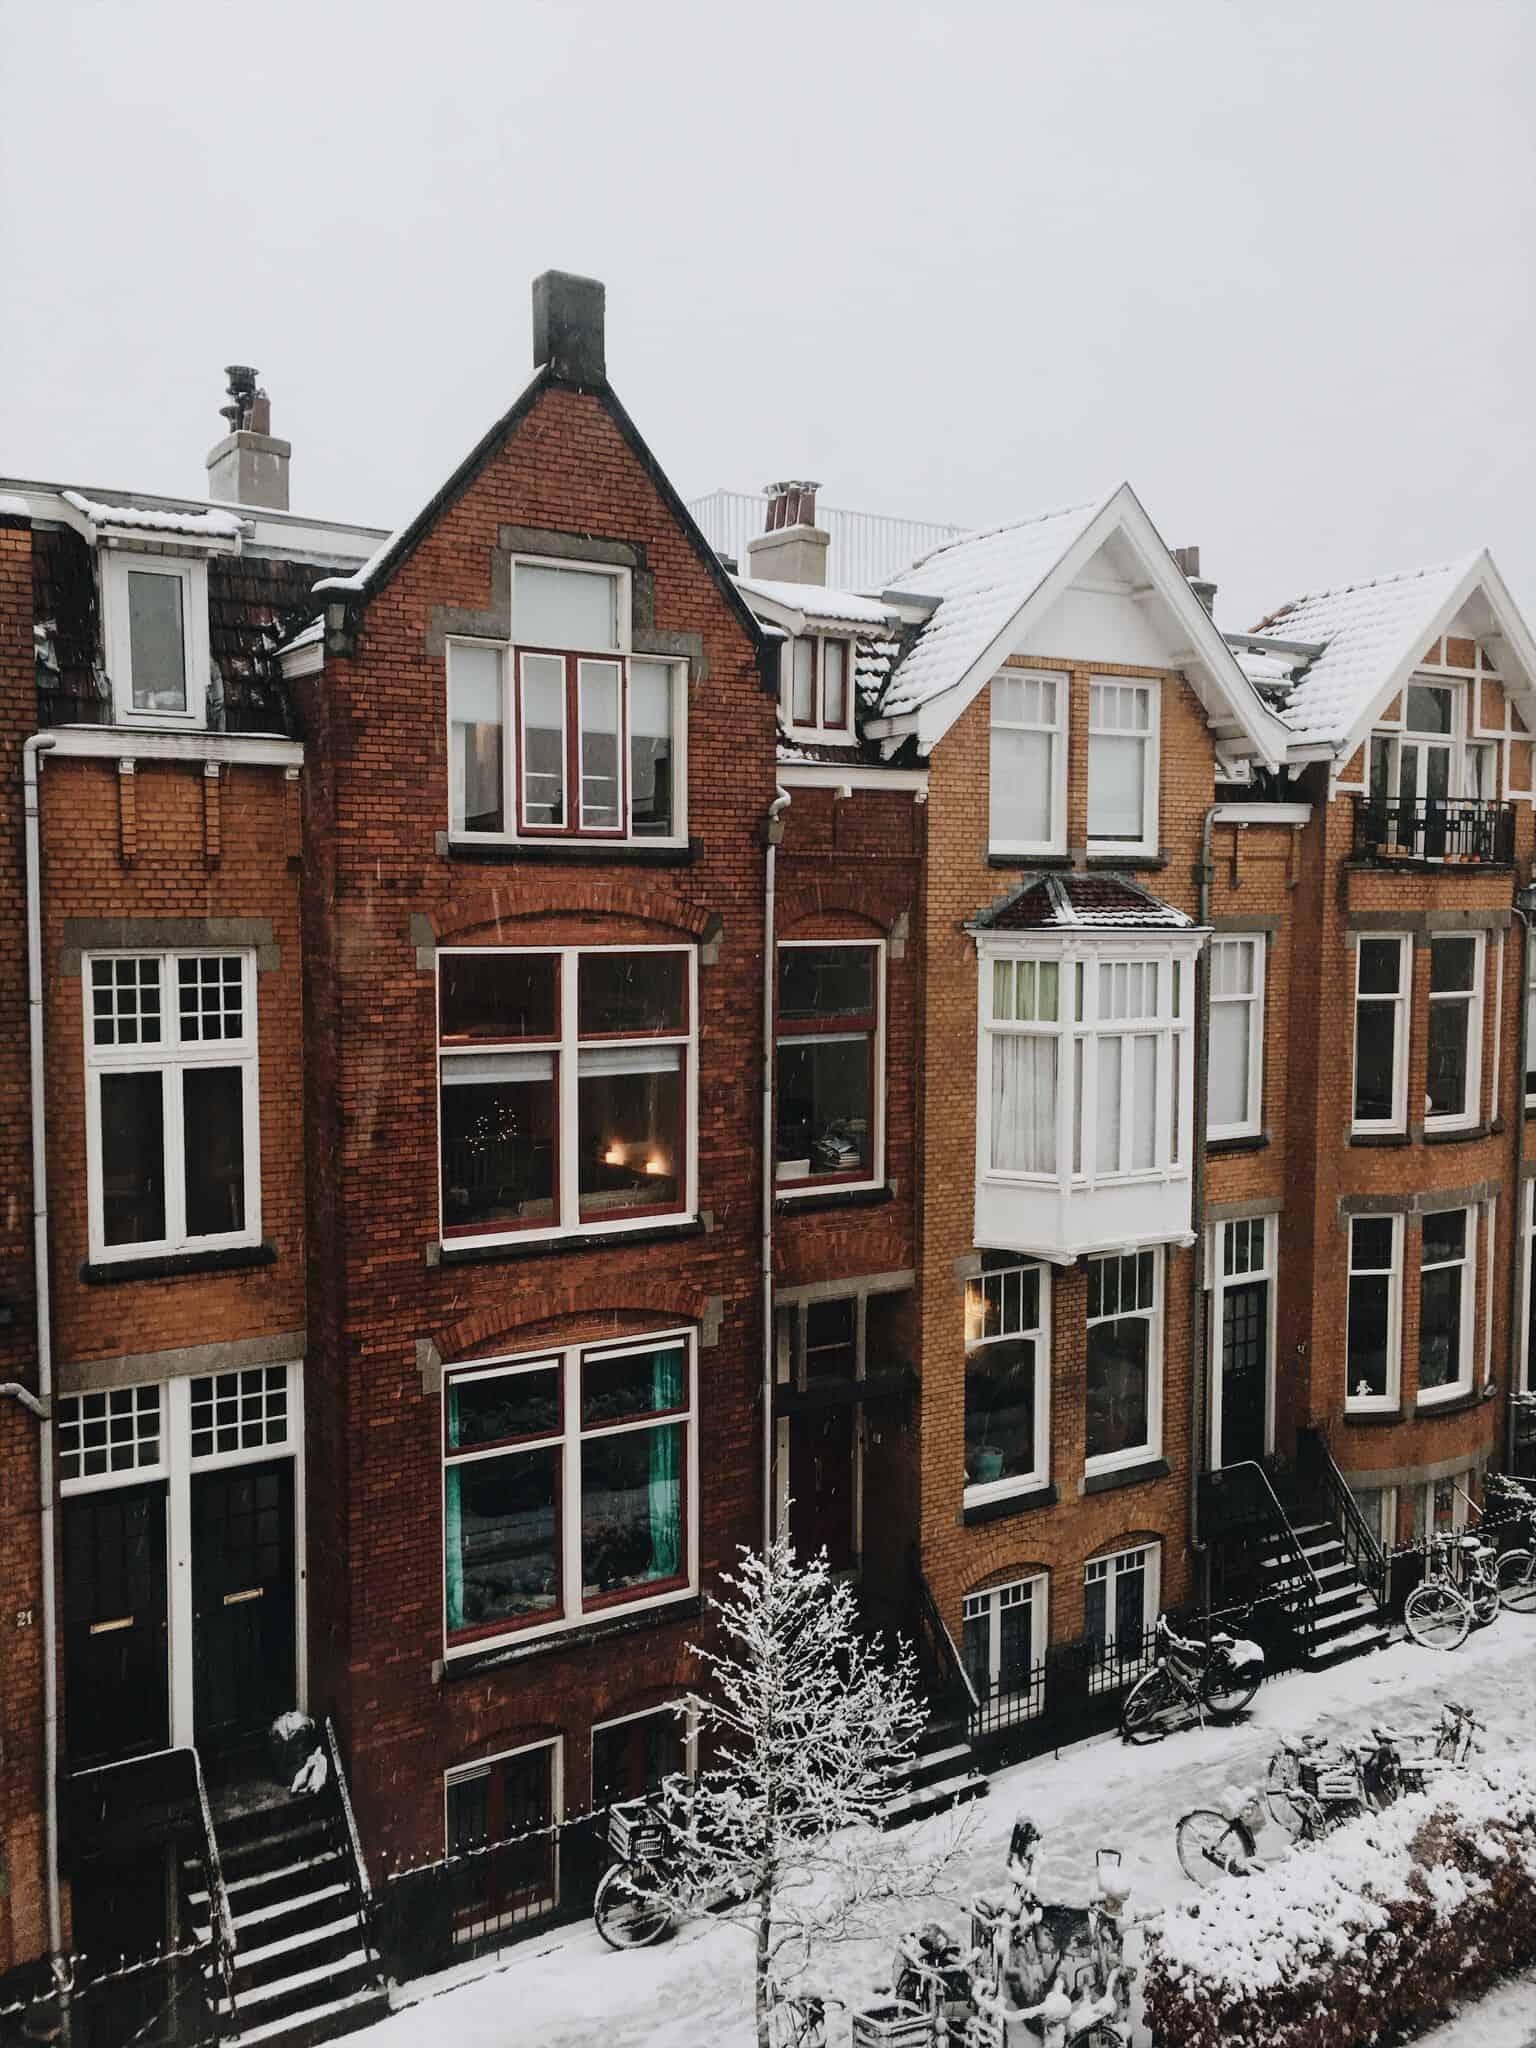 Diary week 49: spontane kinderfeestjes, Sinterkerst & sneeuw!